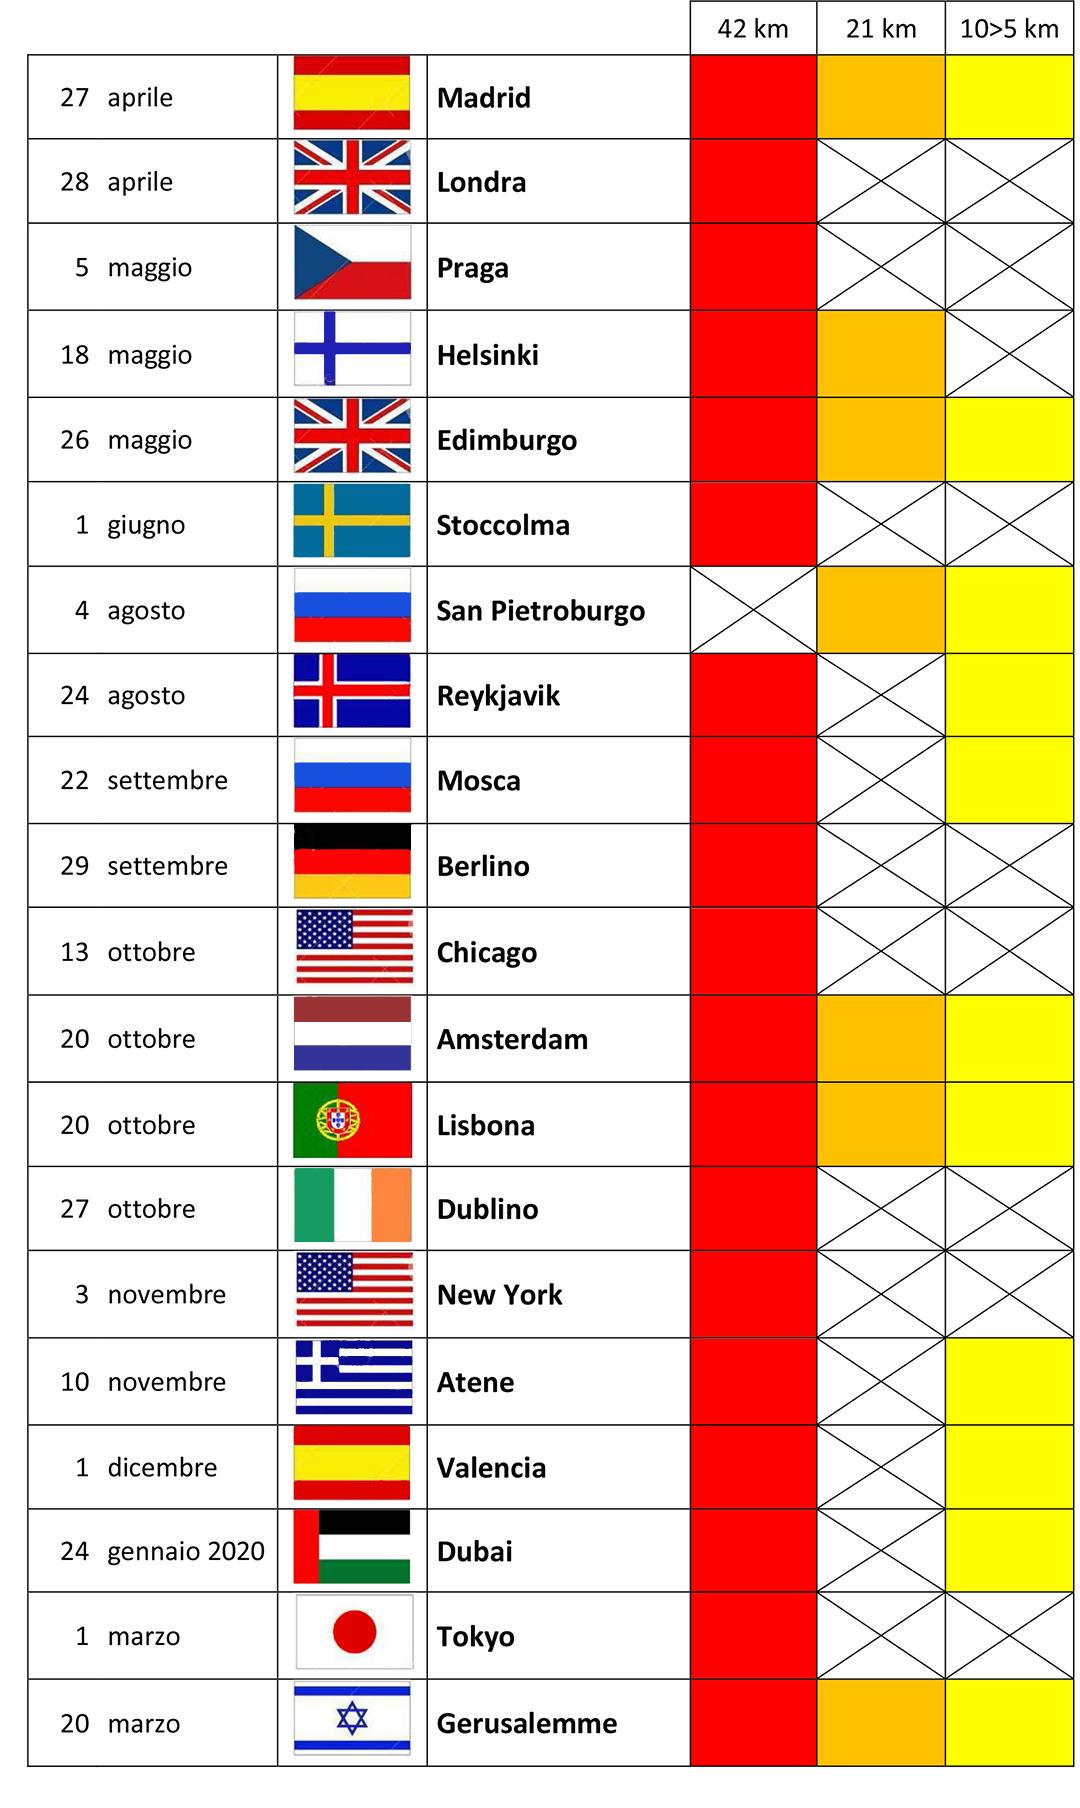 tabella internazionale